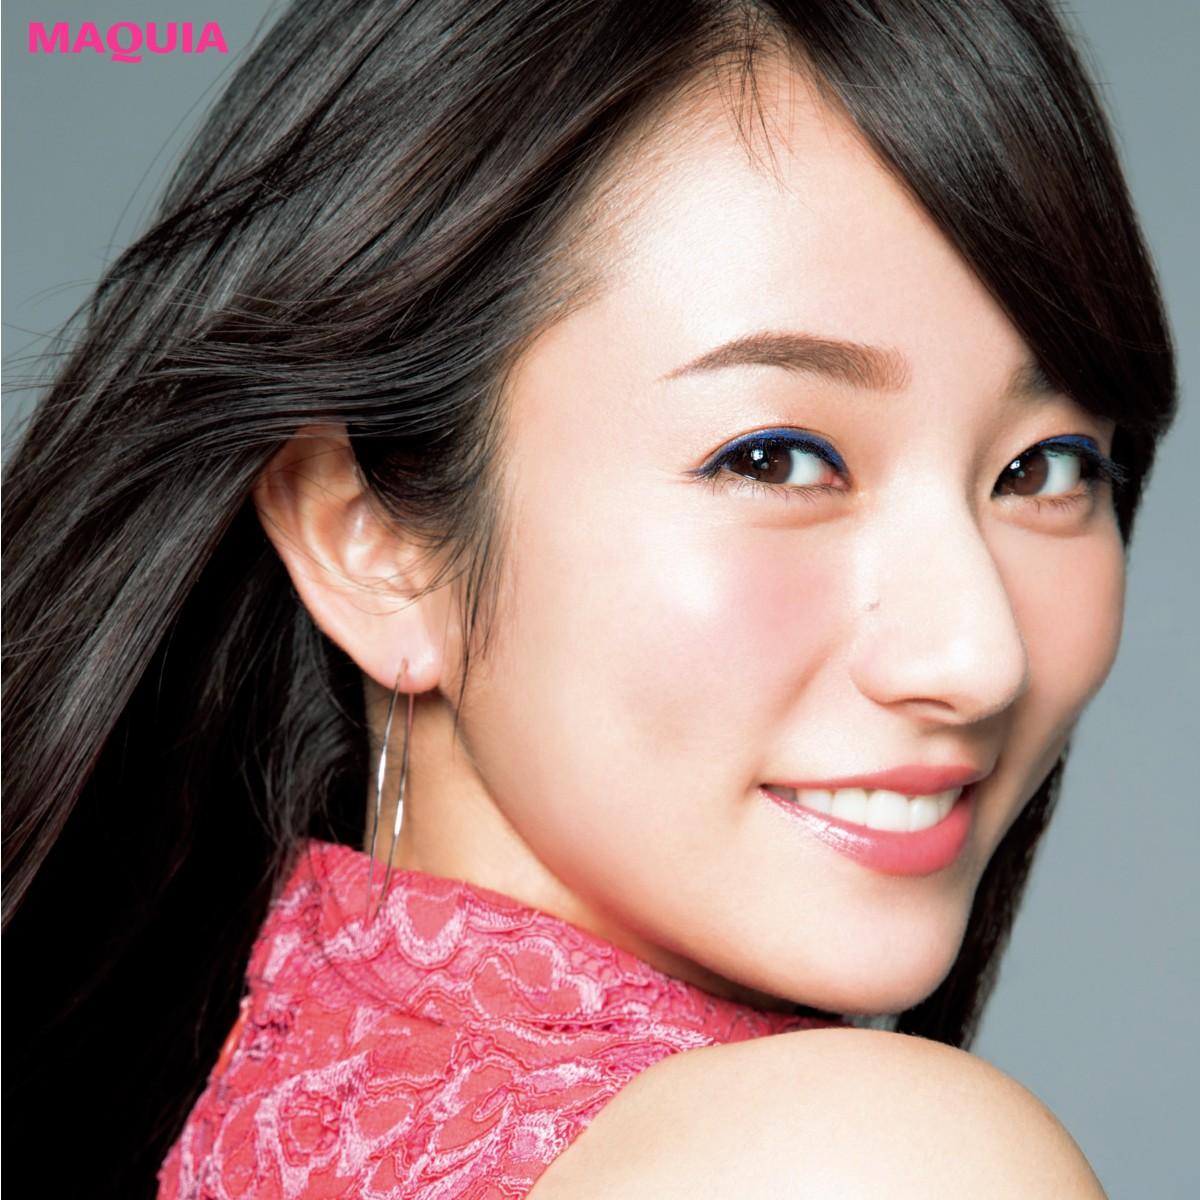 マキア最新号の表紙は木村文乃さん!澄んだ印象&情熱をひとさし、の2つのカバーメイクに注目